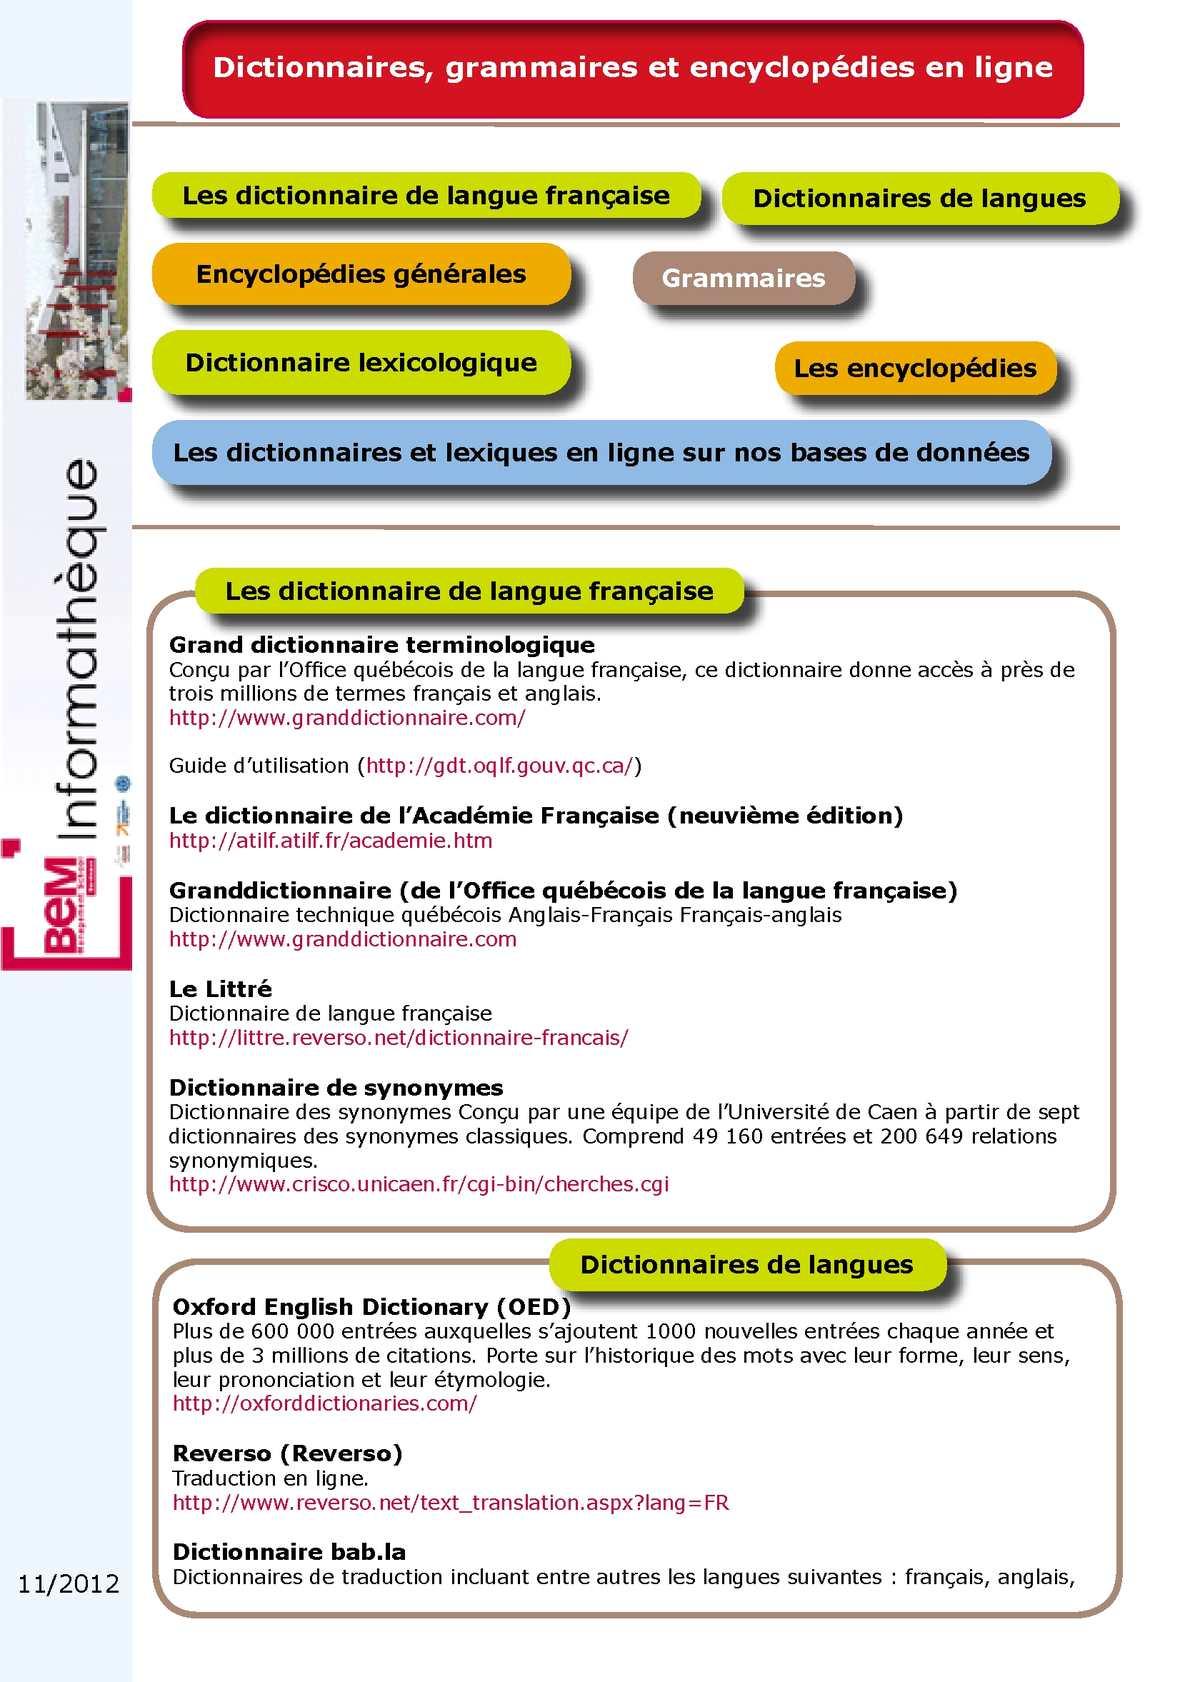 Calam o dictionnaires grammaires et encyclop dies en ligne - Dictionnaire office de la langue francaise ...